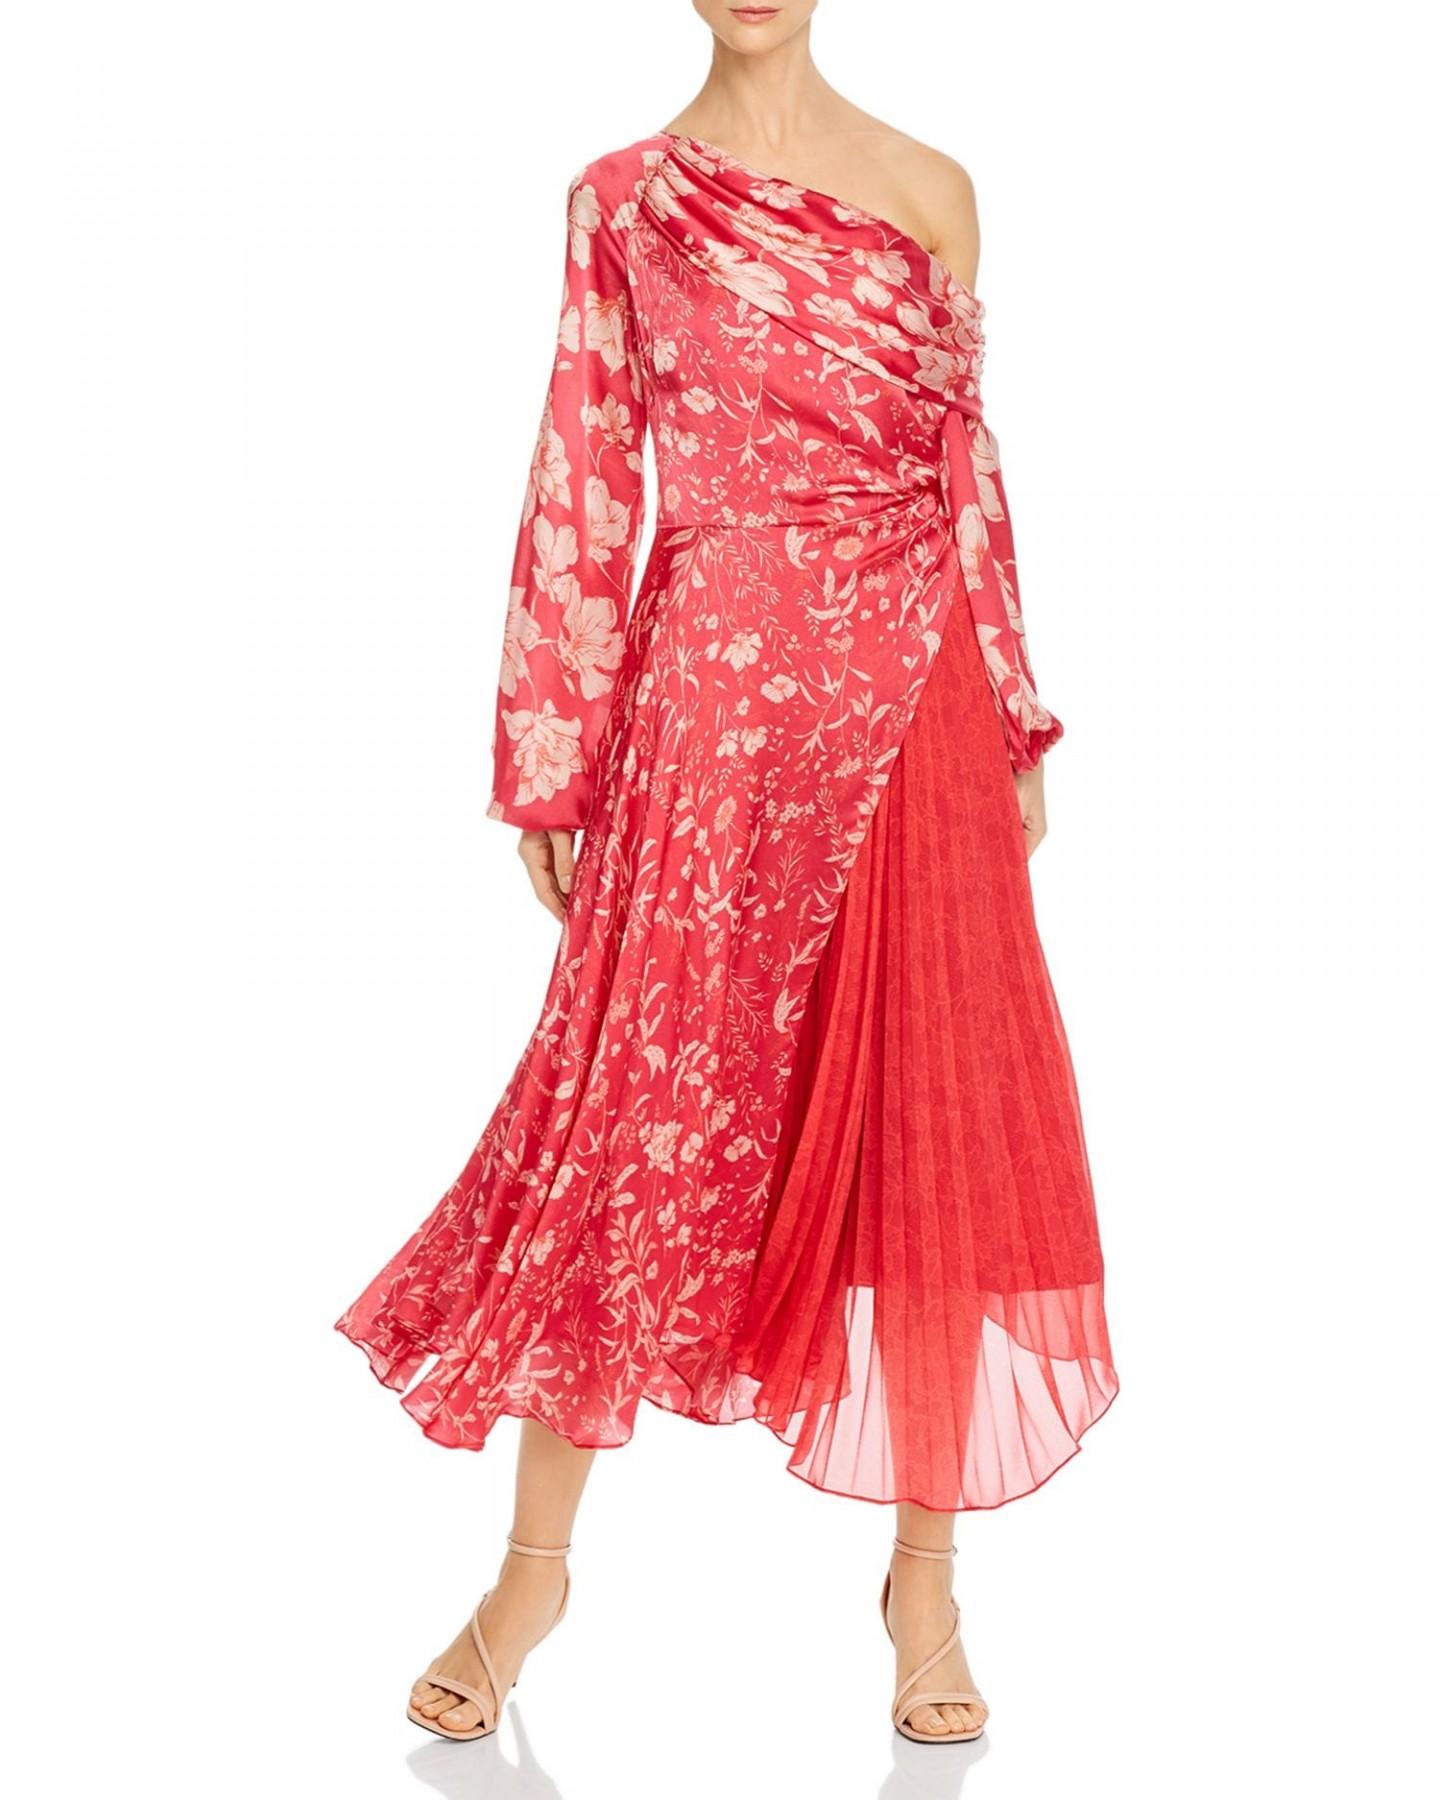 AMUR One-Shoulder Floral Silk Dress